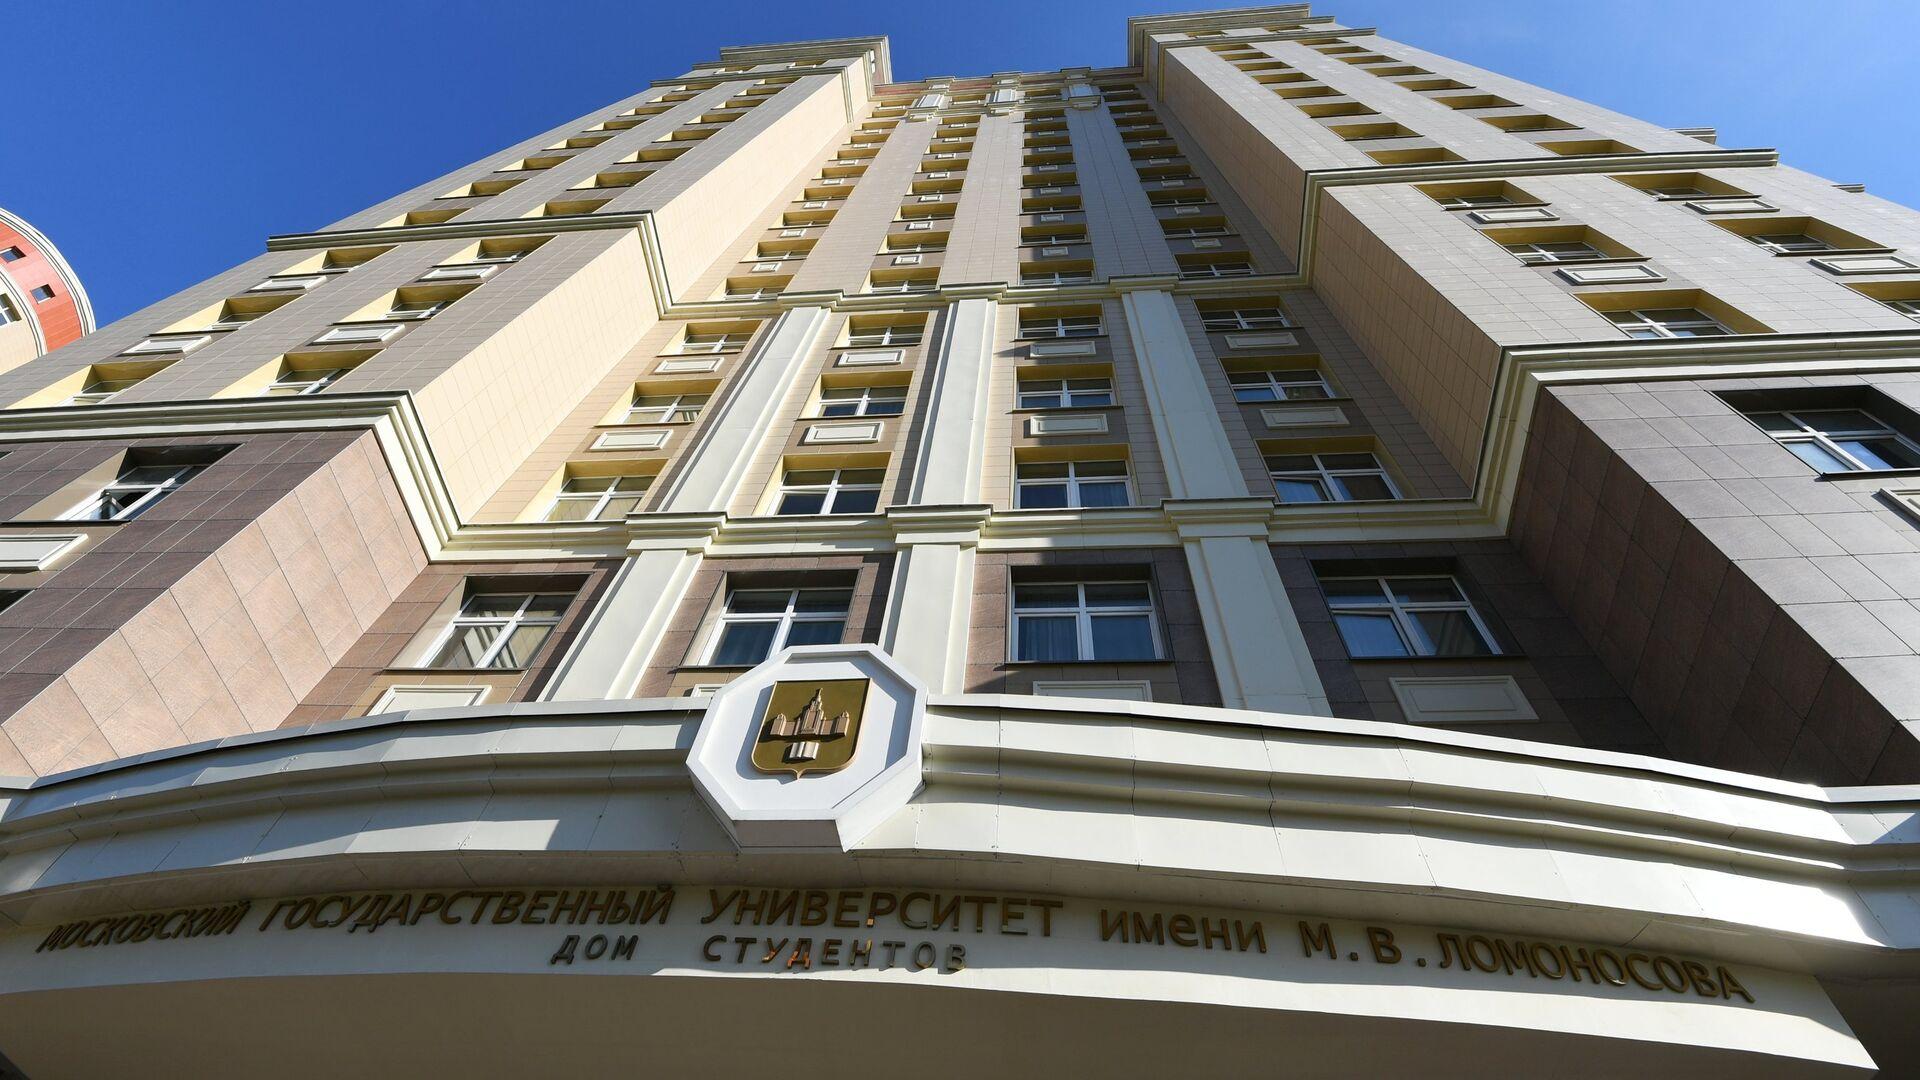 Здание нового общежития Московского государственного университета имени М.В. Ломоносова, открытие которого состоялось в Москве - РИА Новости, 1920, 14.10.2021